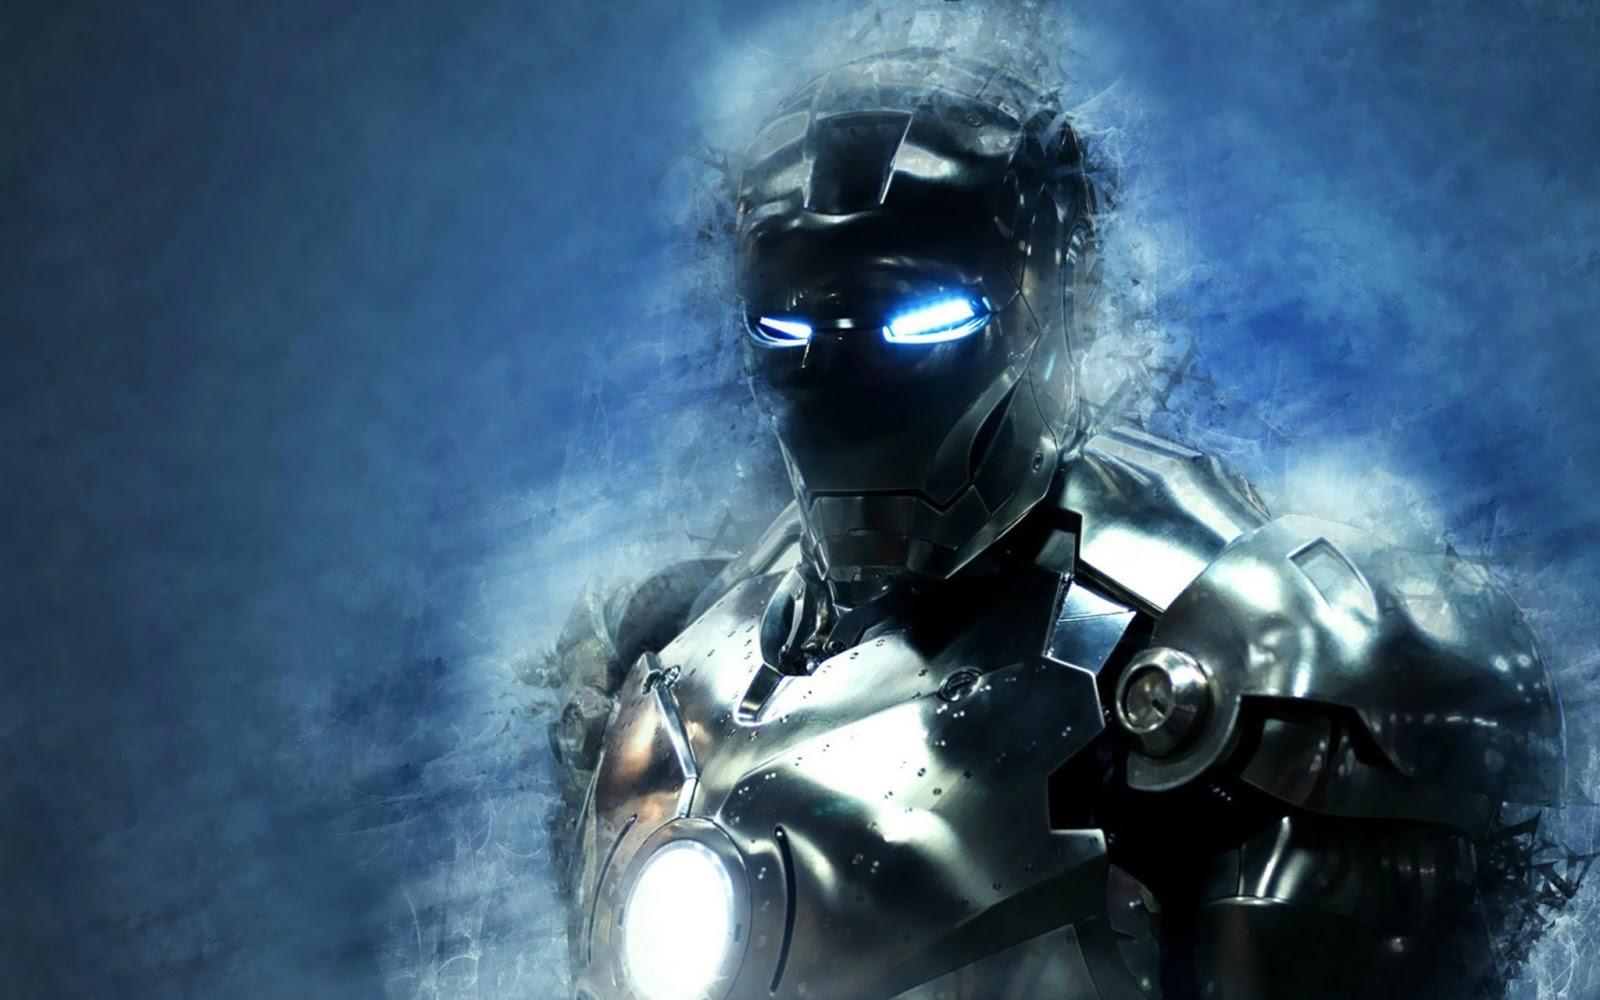 http://3.bp.blogspot.com/--BjPBmquR98/UPv6vSsKiaI/AAAAAAAAEFs/LHdXjzAkL2o/s1600/iron-man-3-wallpaper-6.jpg